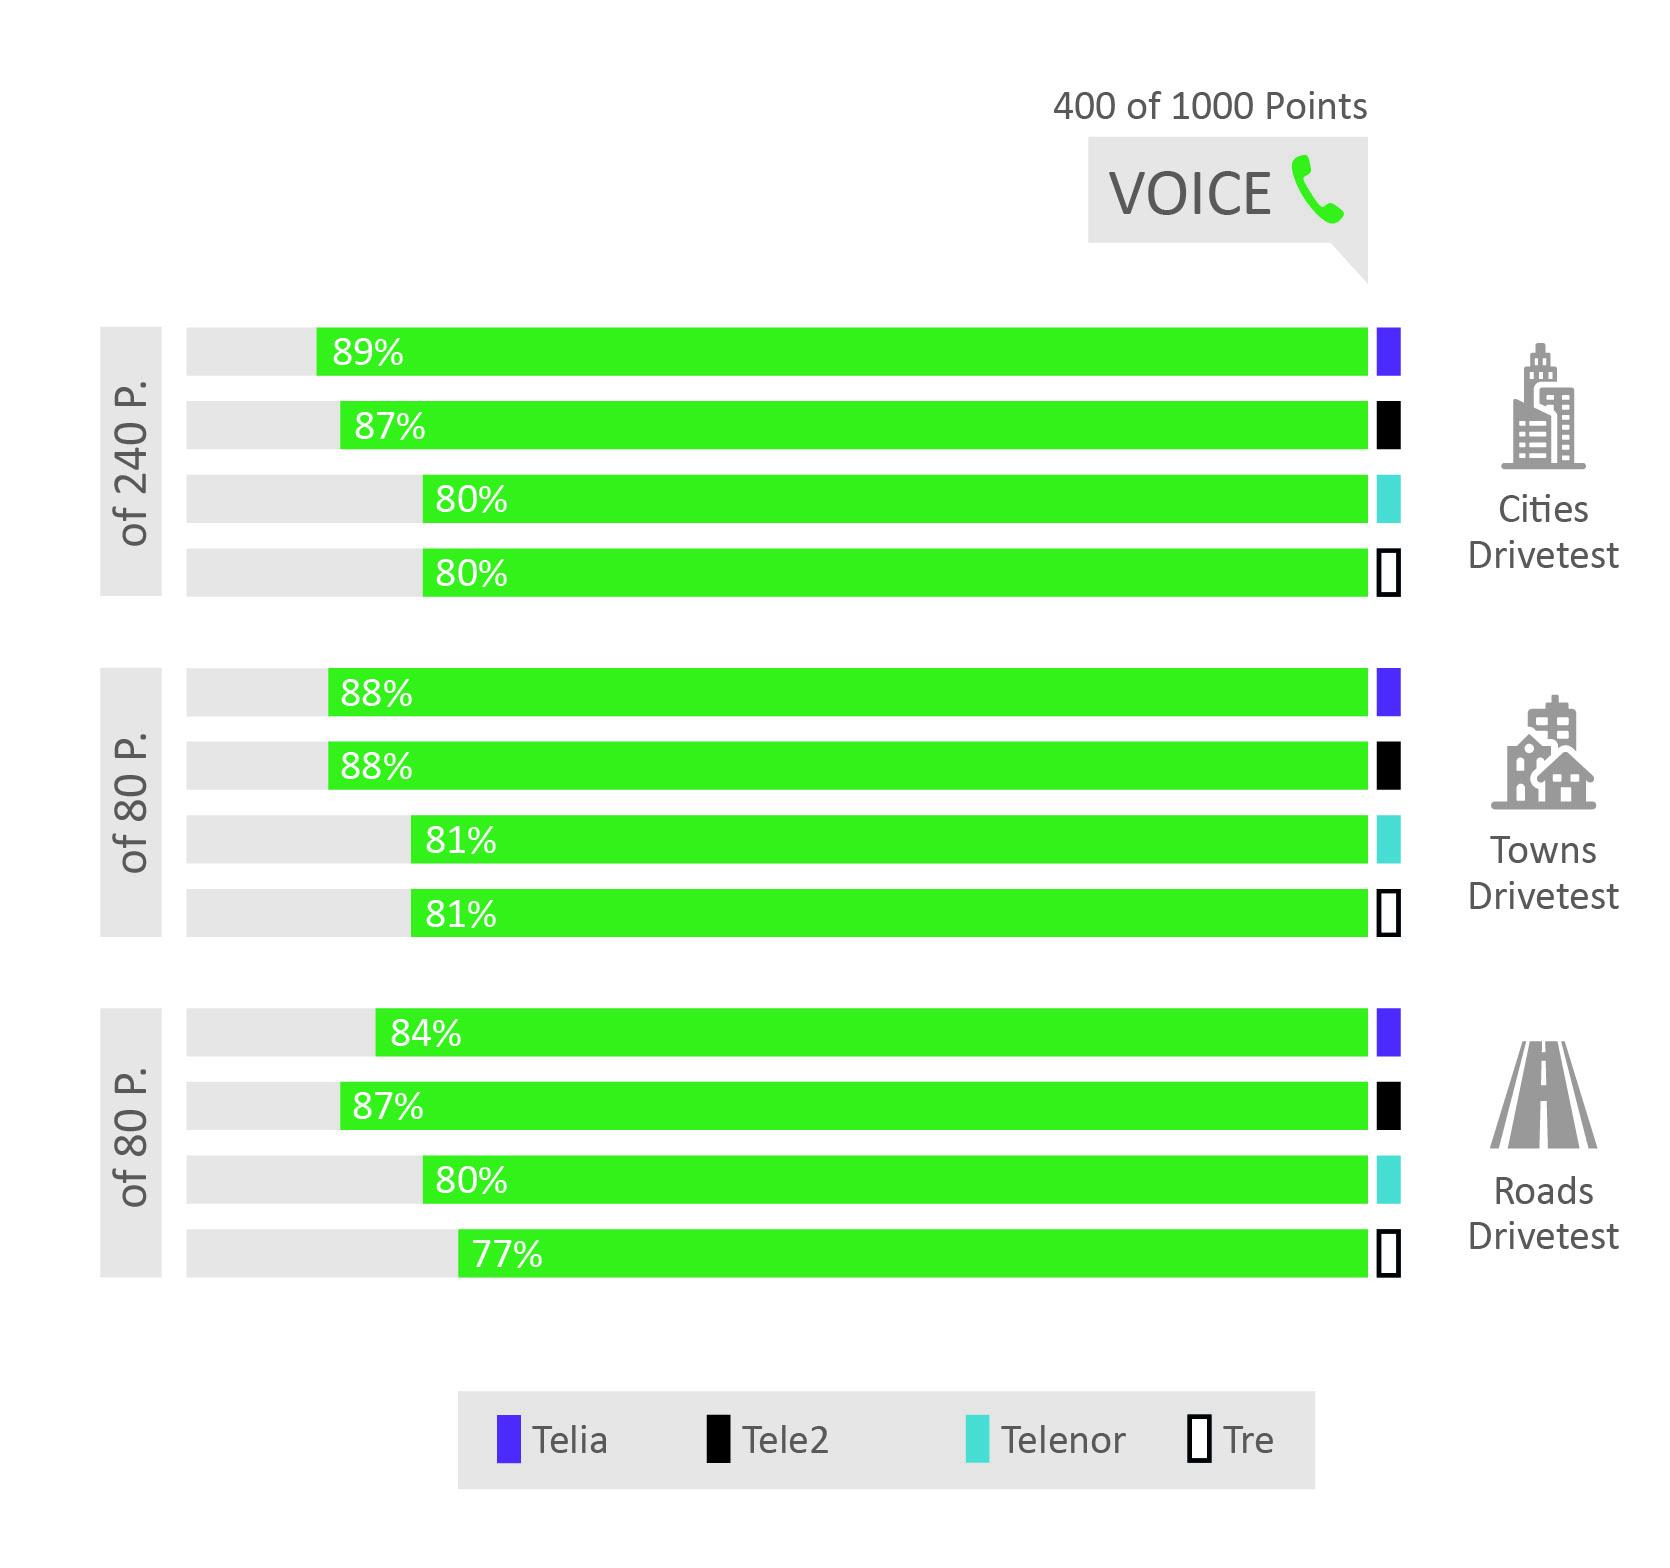 SE_CategoryComparison2017_Voice.jpg